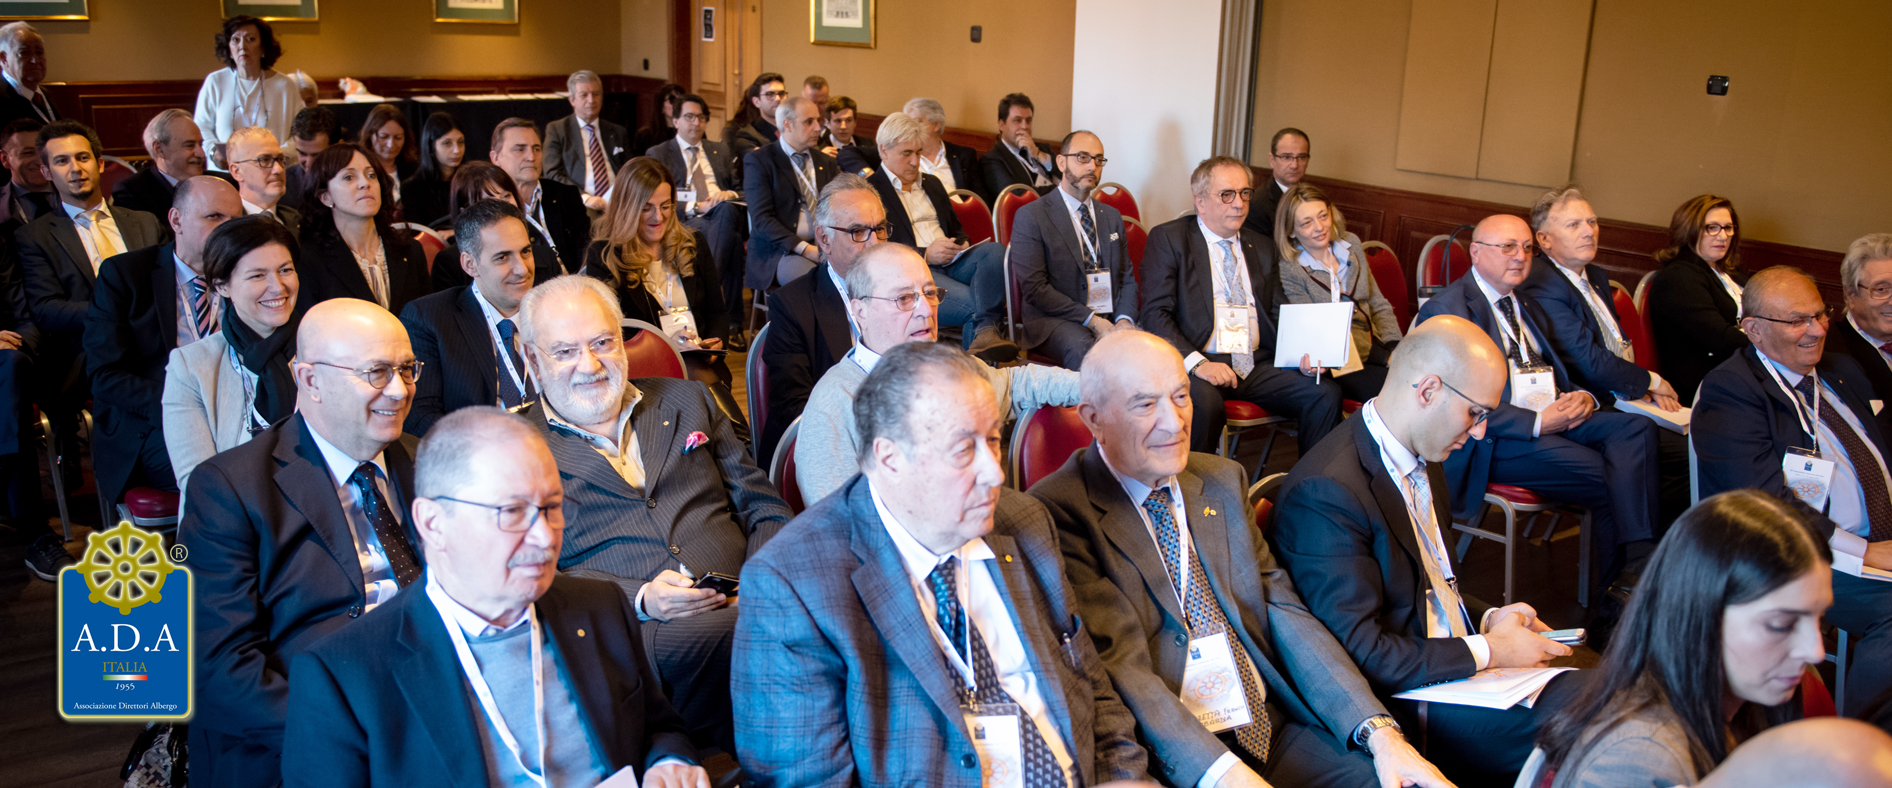 65° Congresso Nazionale Ada 2019 – Milano